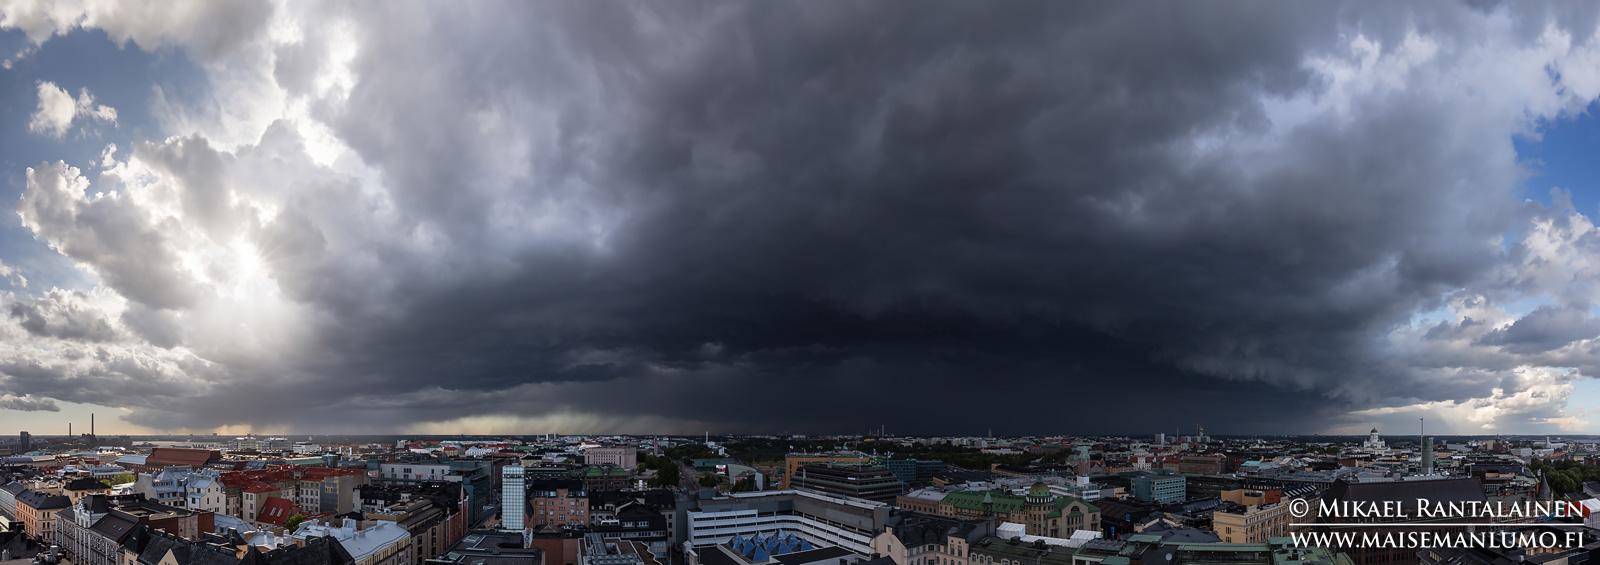 Vyörypilvi saapuu, Hotelli Torni, Helsinki (HP191)